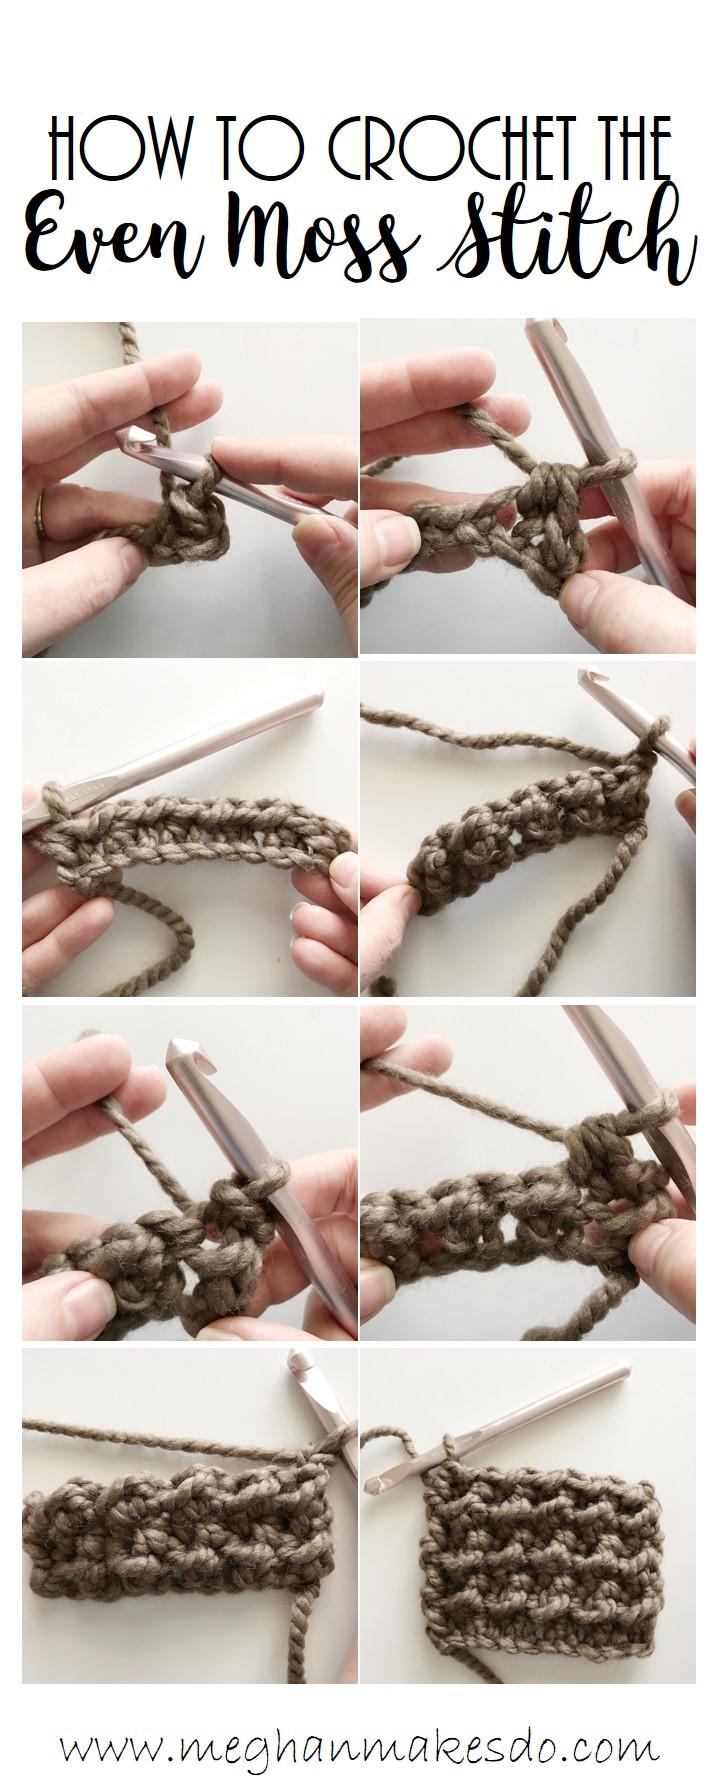 even moss stitch crochet tutorial